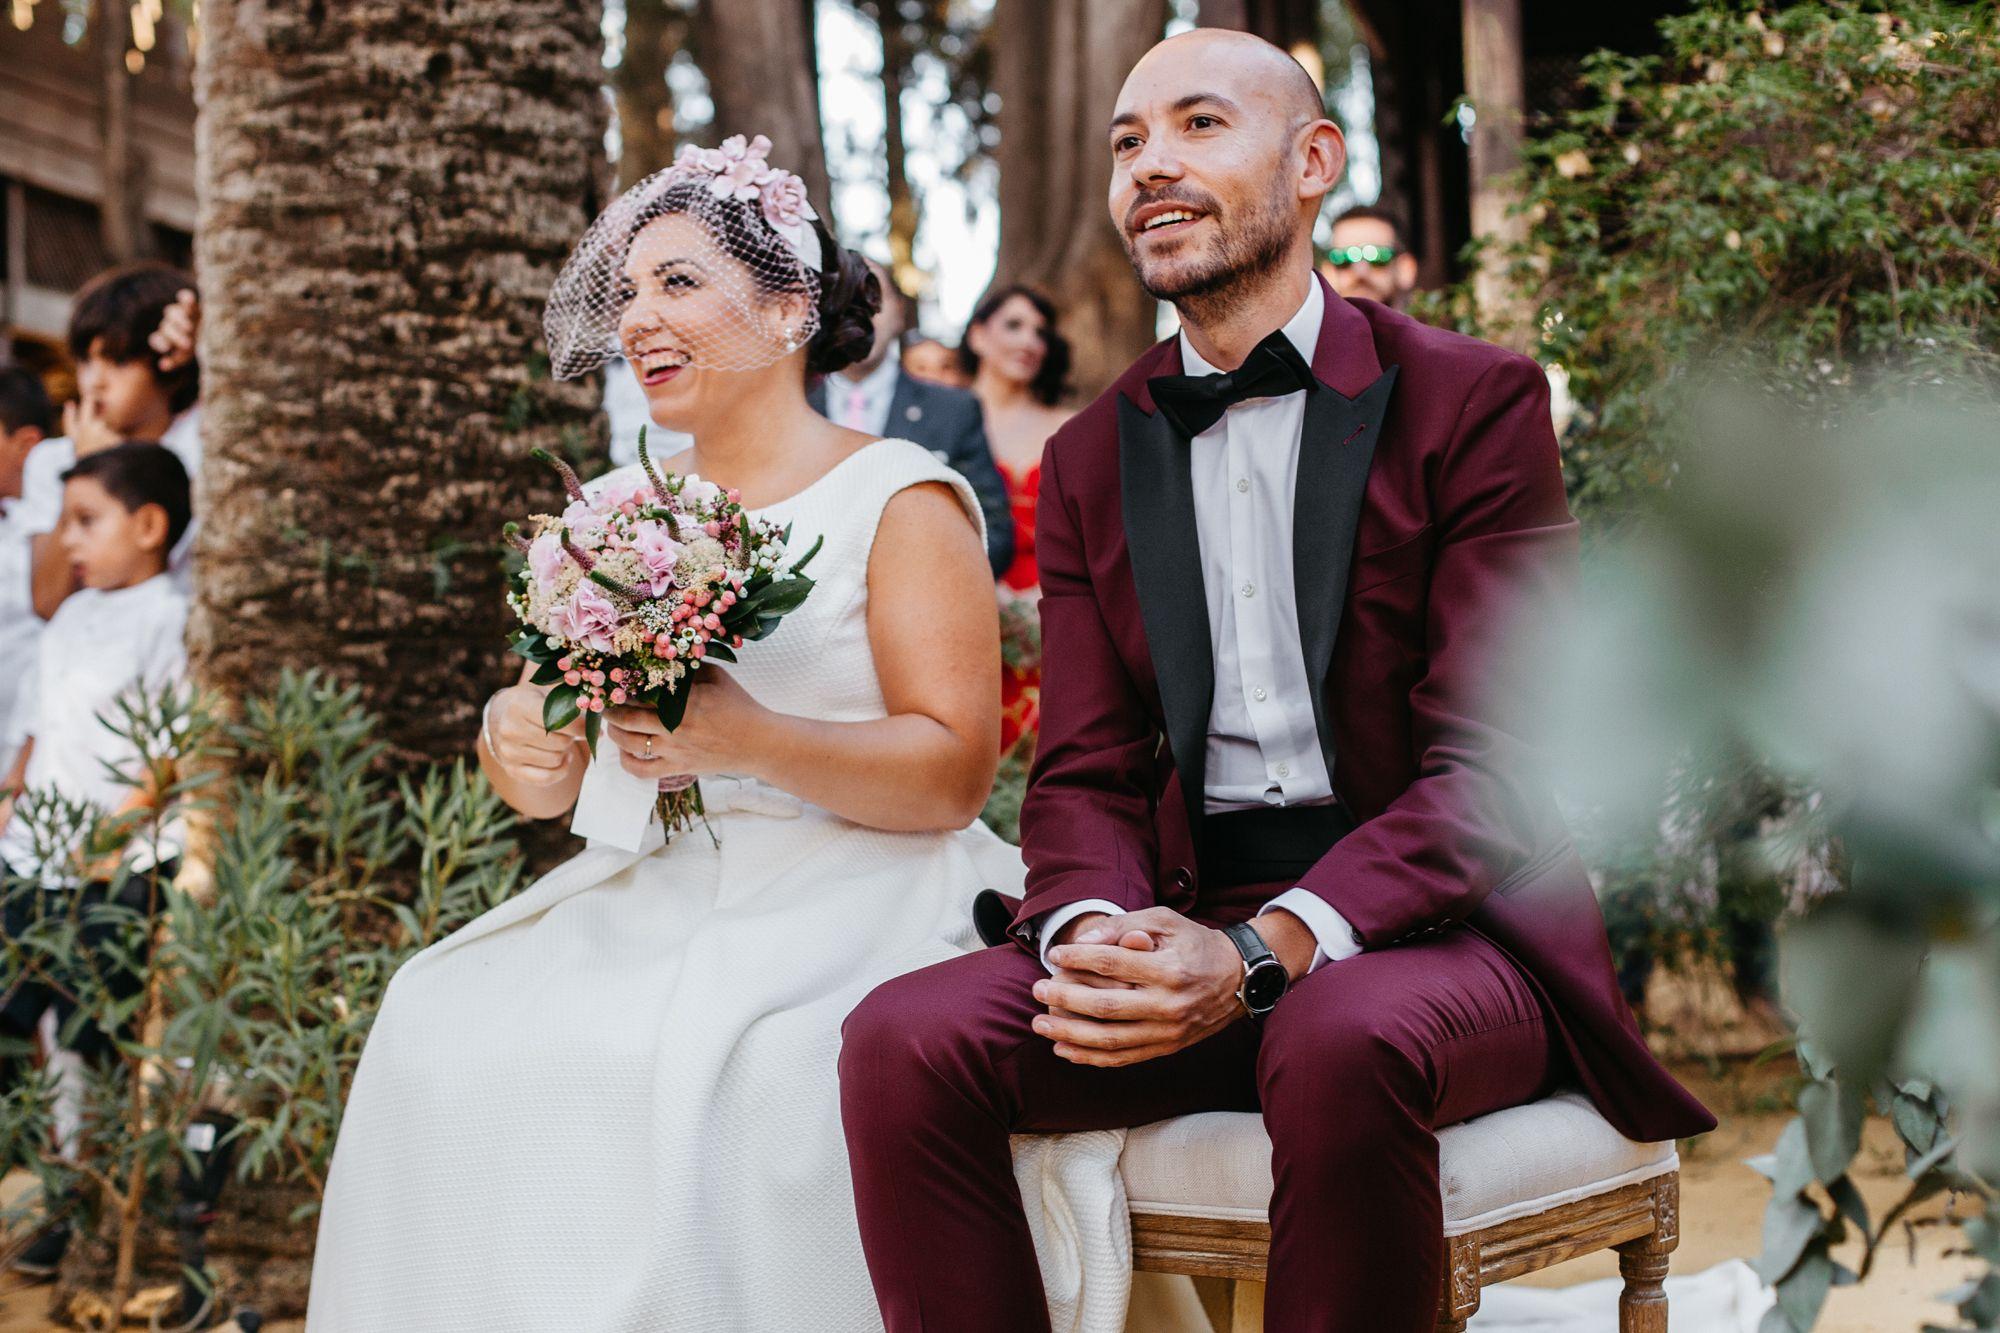 La boda de Amanda y Jorge en Villa Luisa 20